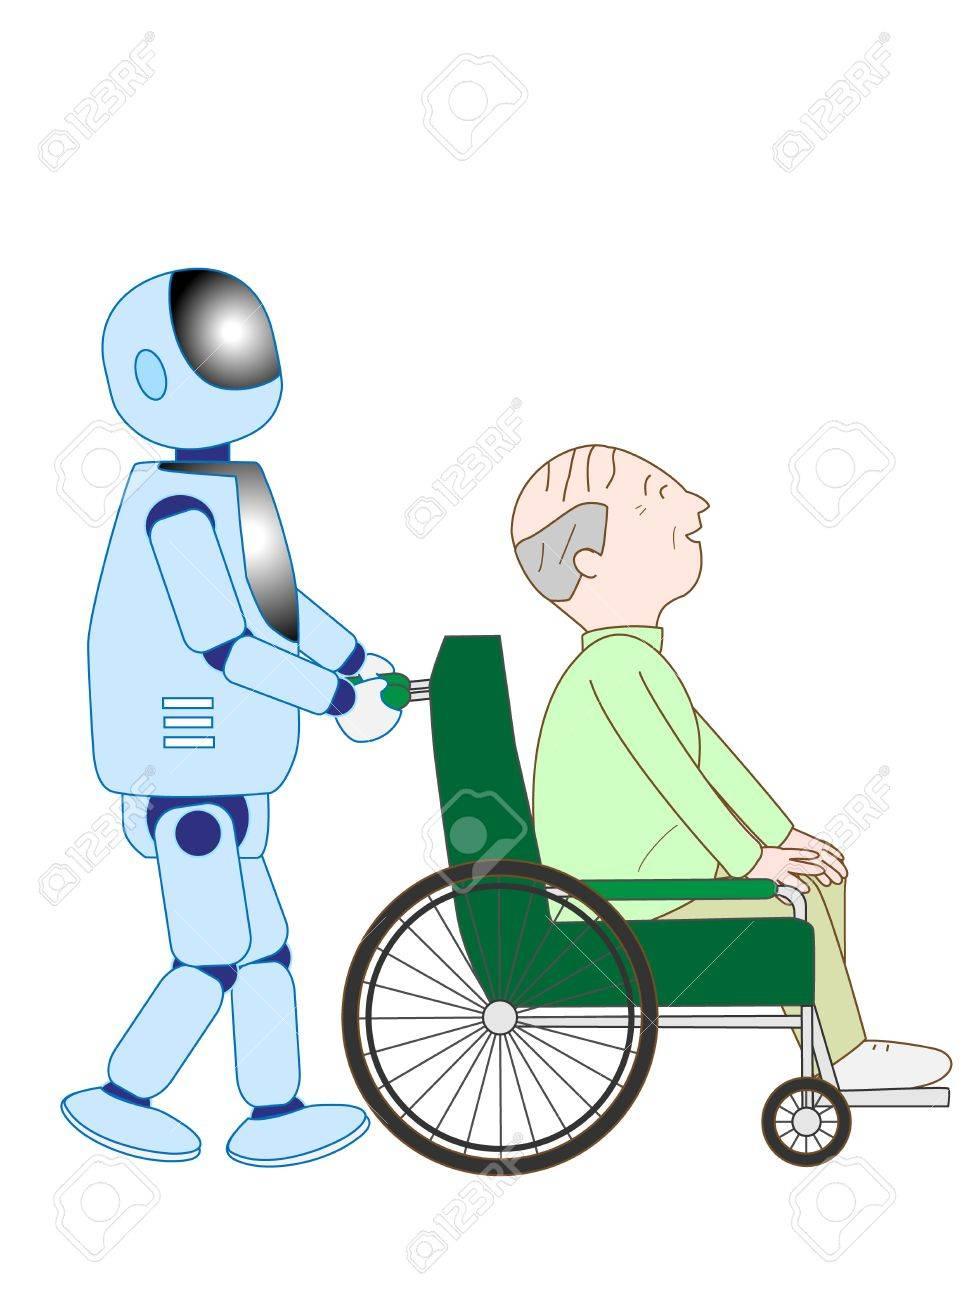 高齢者介護ロボットのイラスト素材ベクタ Image 57972205